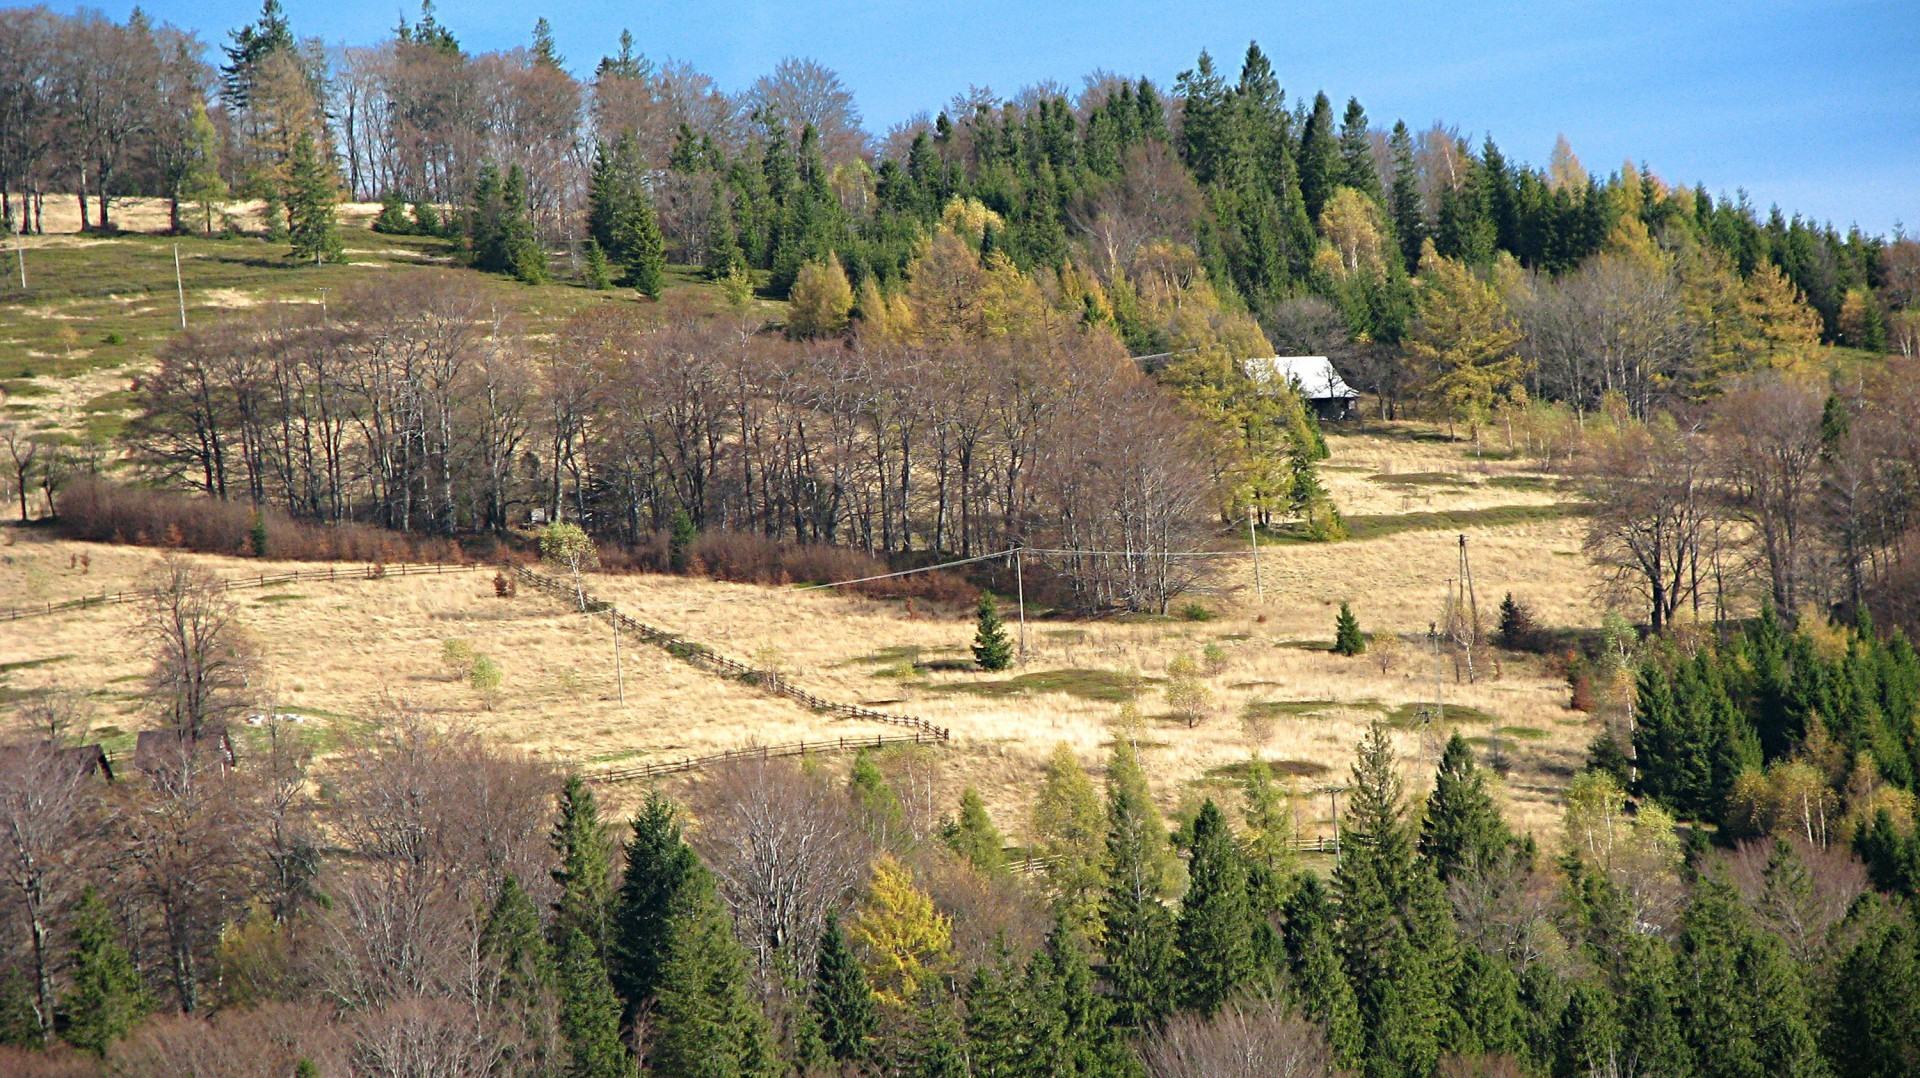 Błatnia, krajobraz ze szlaku w pobliżu domków nad Jeziorem Żywieckim